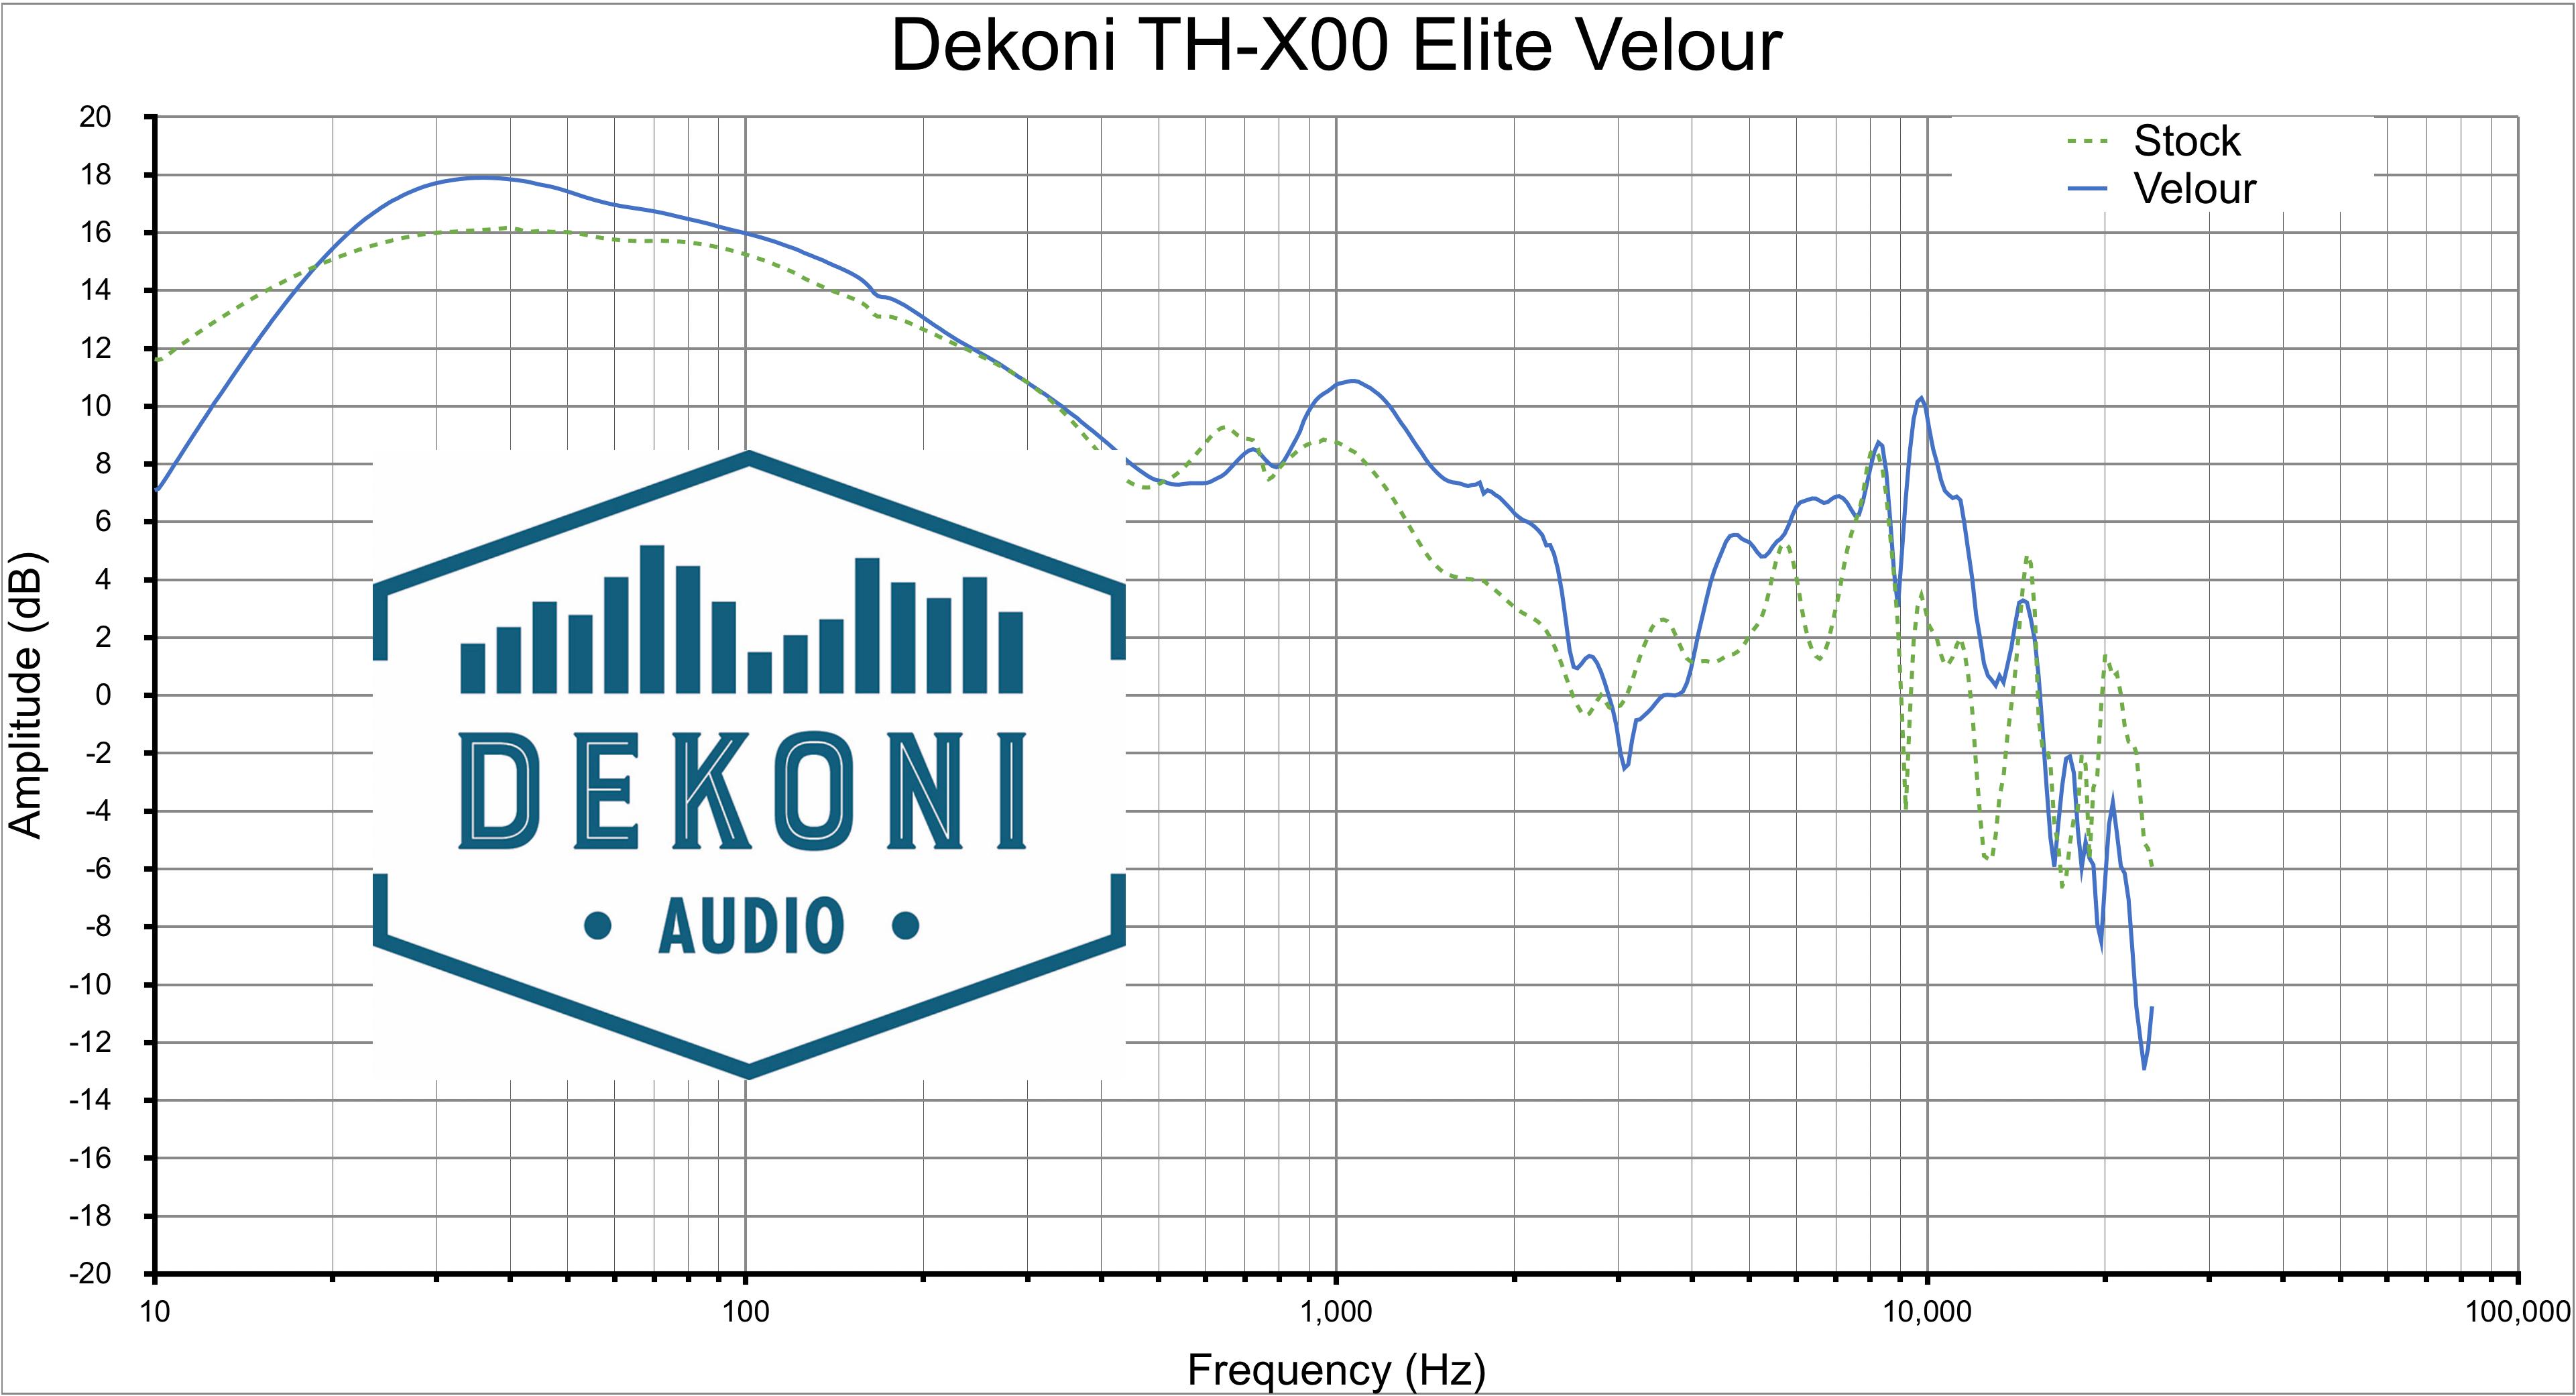 Dekoni TH-X00 Vlr